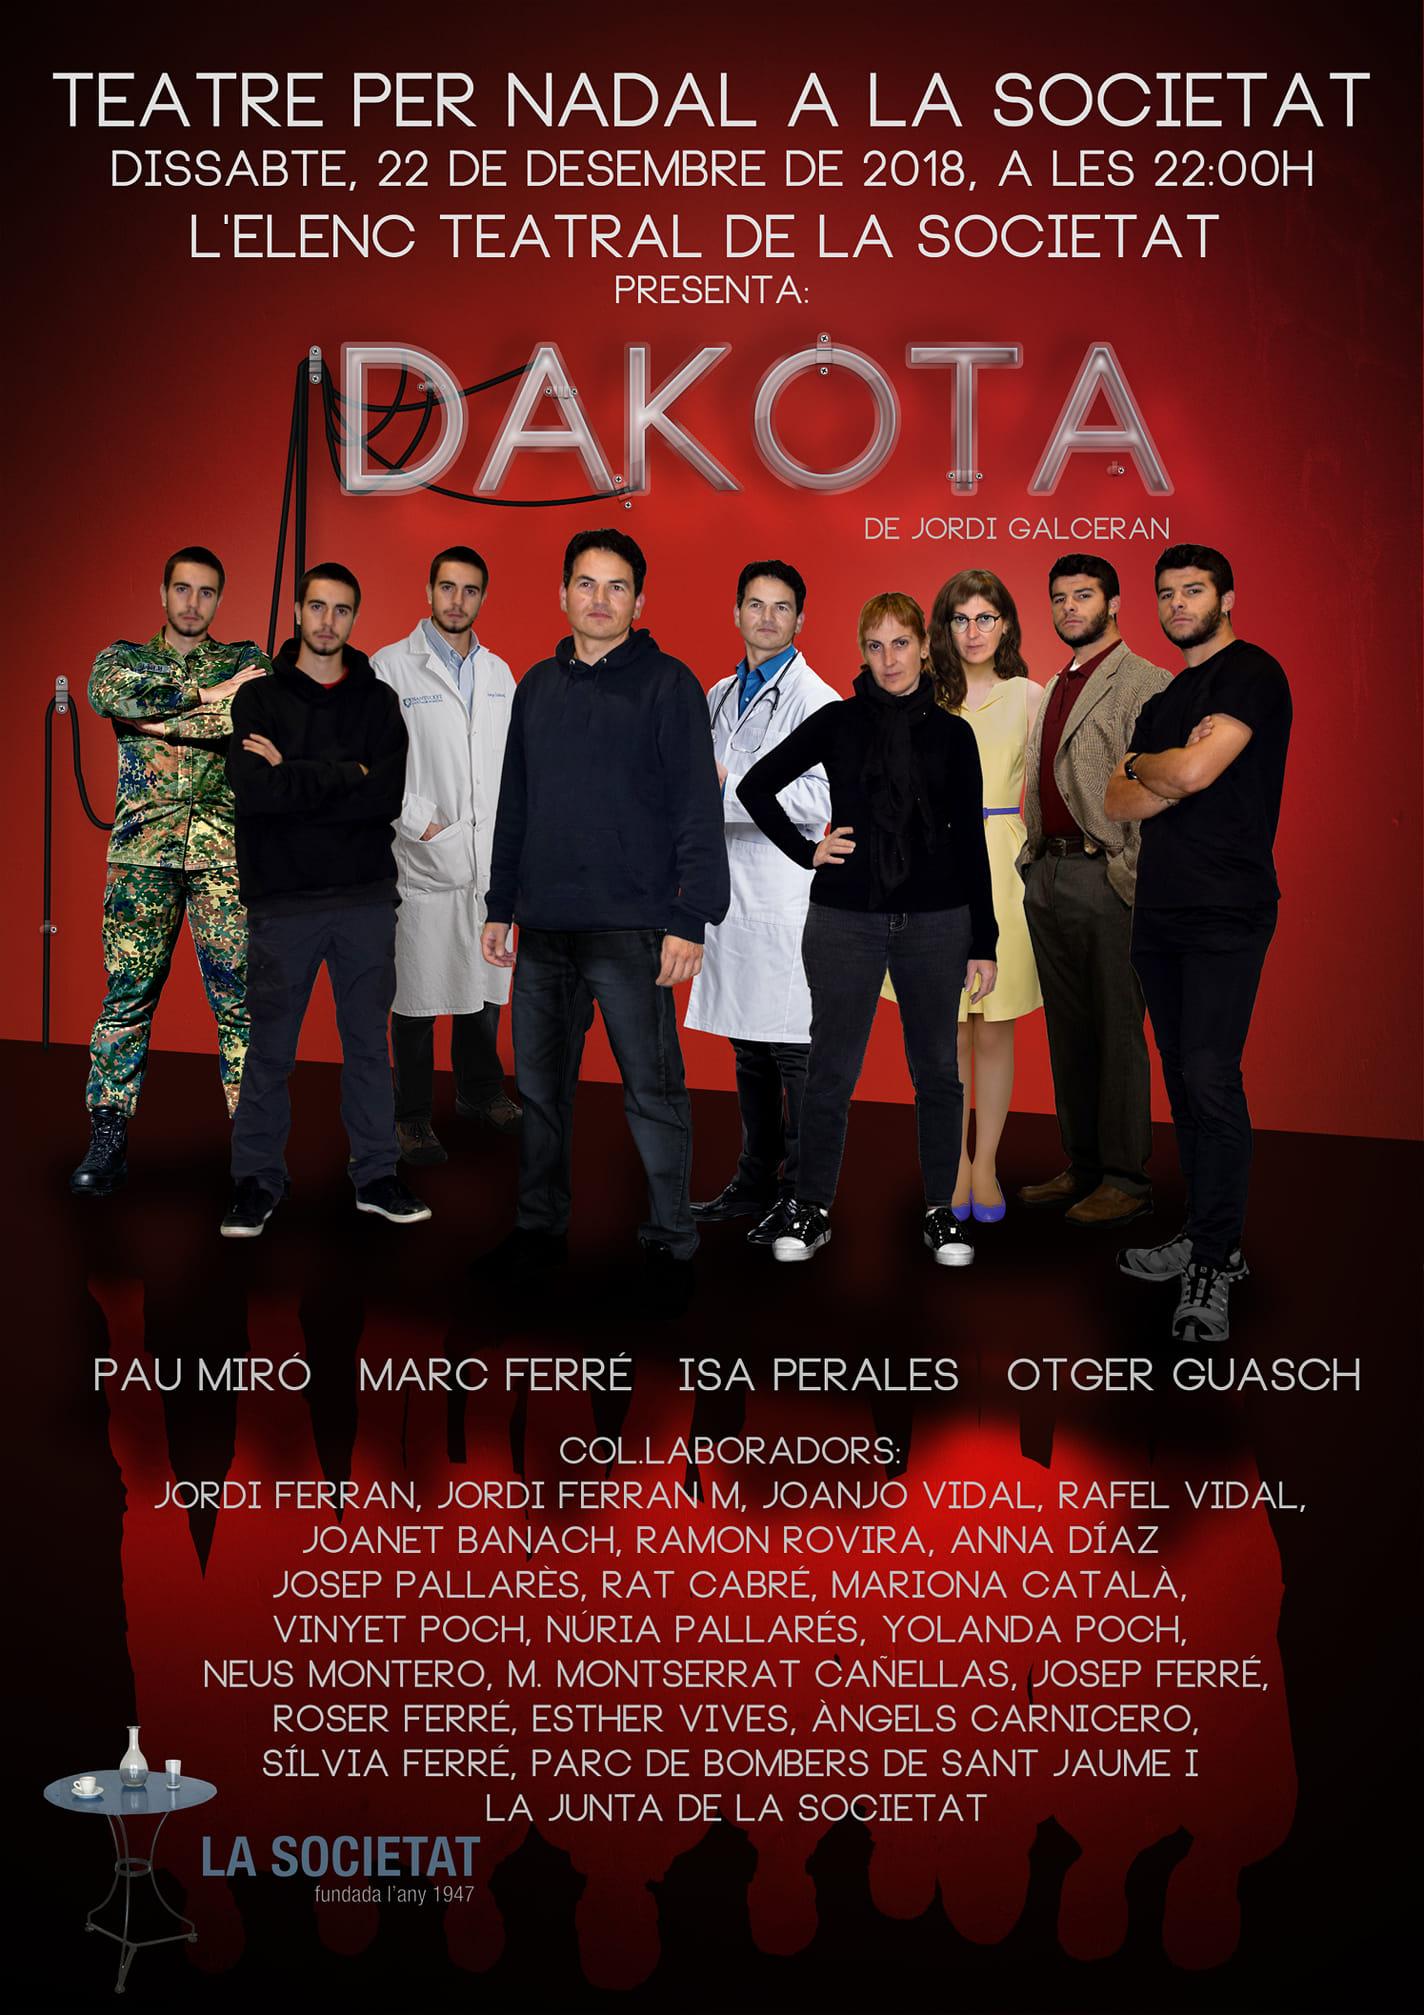 L'elenc teatral de la Societat representarà l'obra Dakota de Jordi Galceran el 22 de desembre